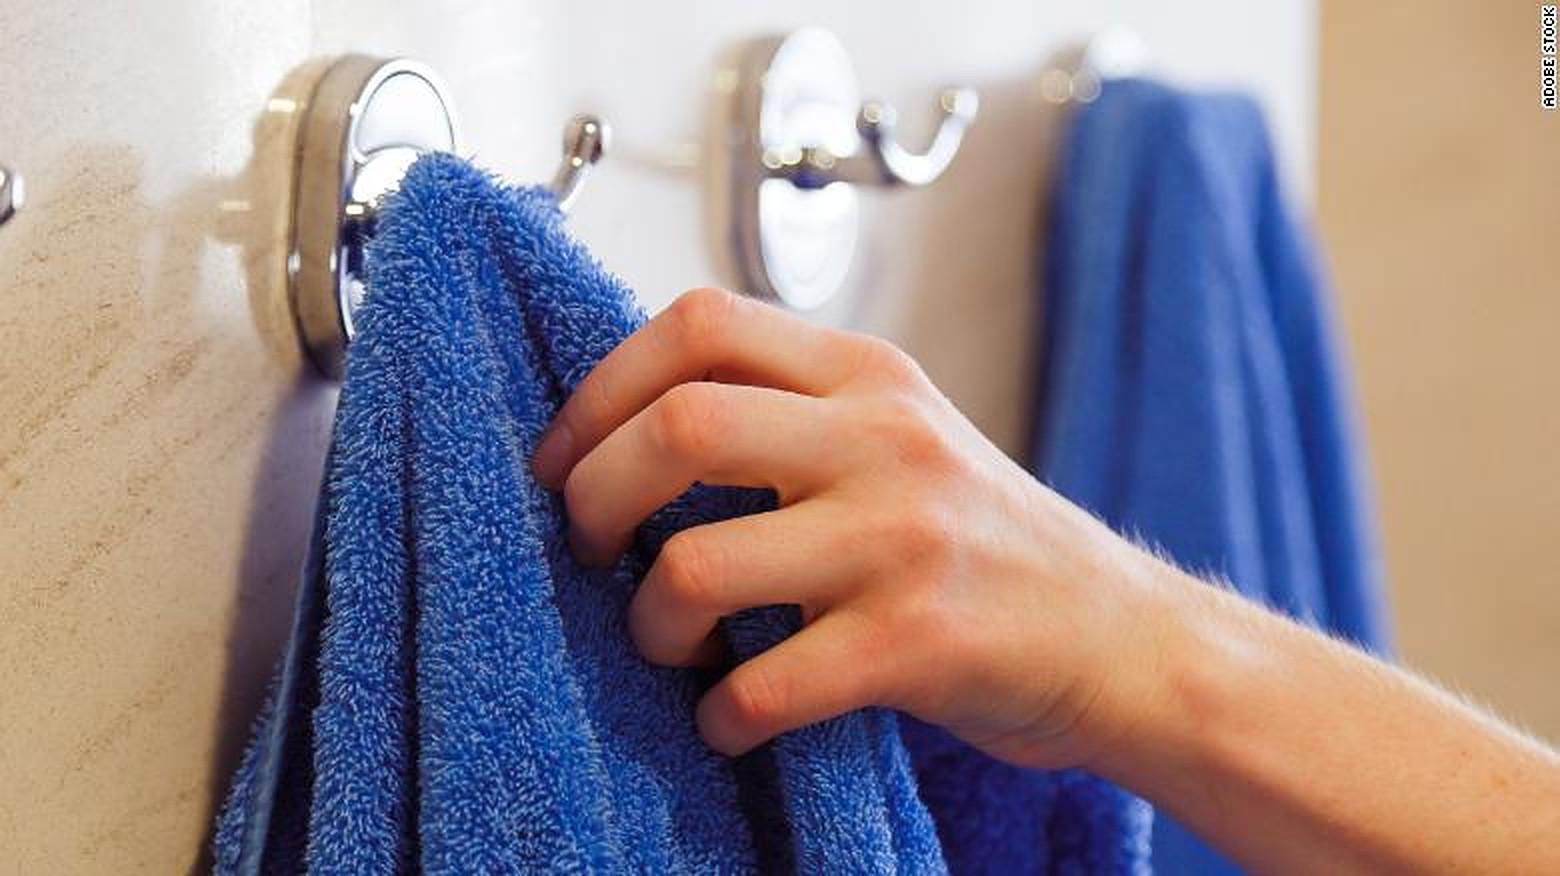 Cât de des ar trebui să spălăm prosoapele?